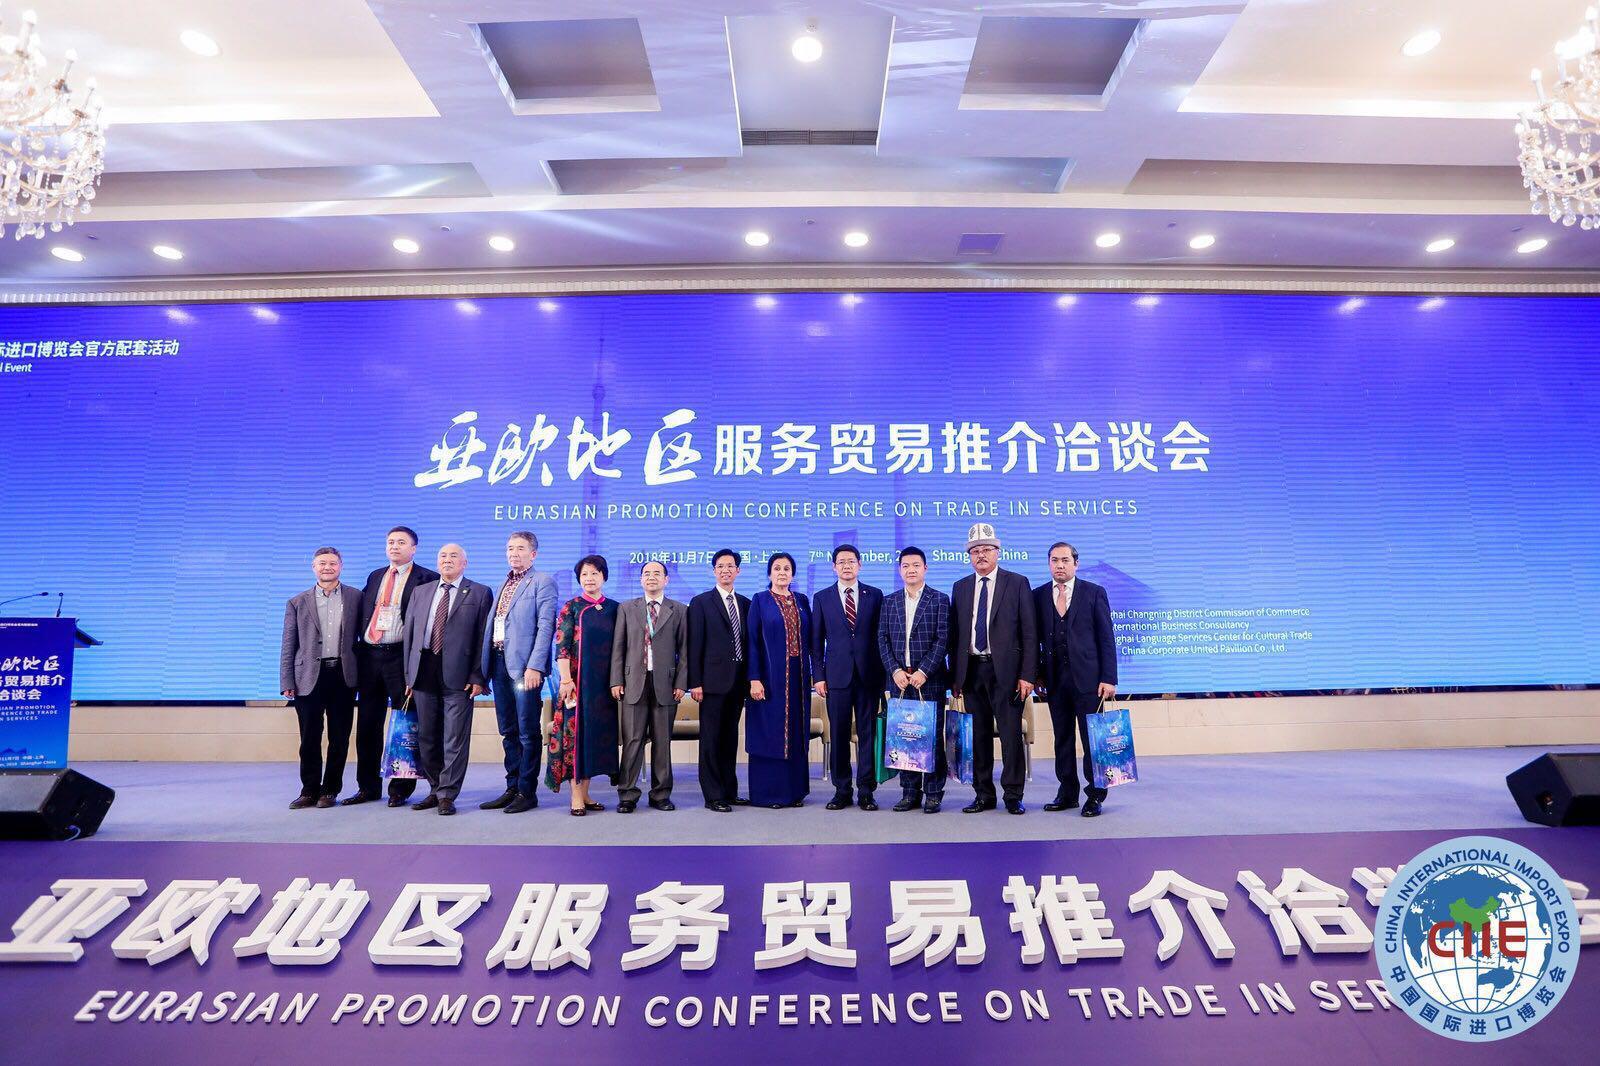 亚欧服务贸易增长迅速 上海将持续扩大开放领域